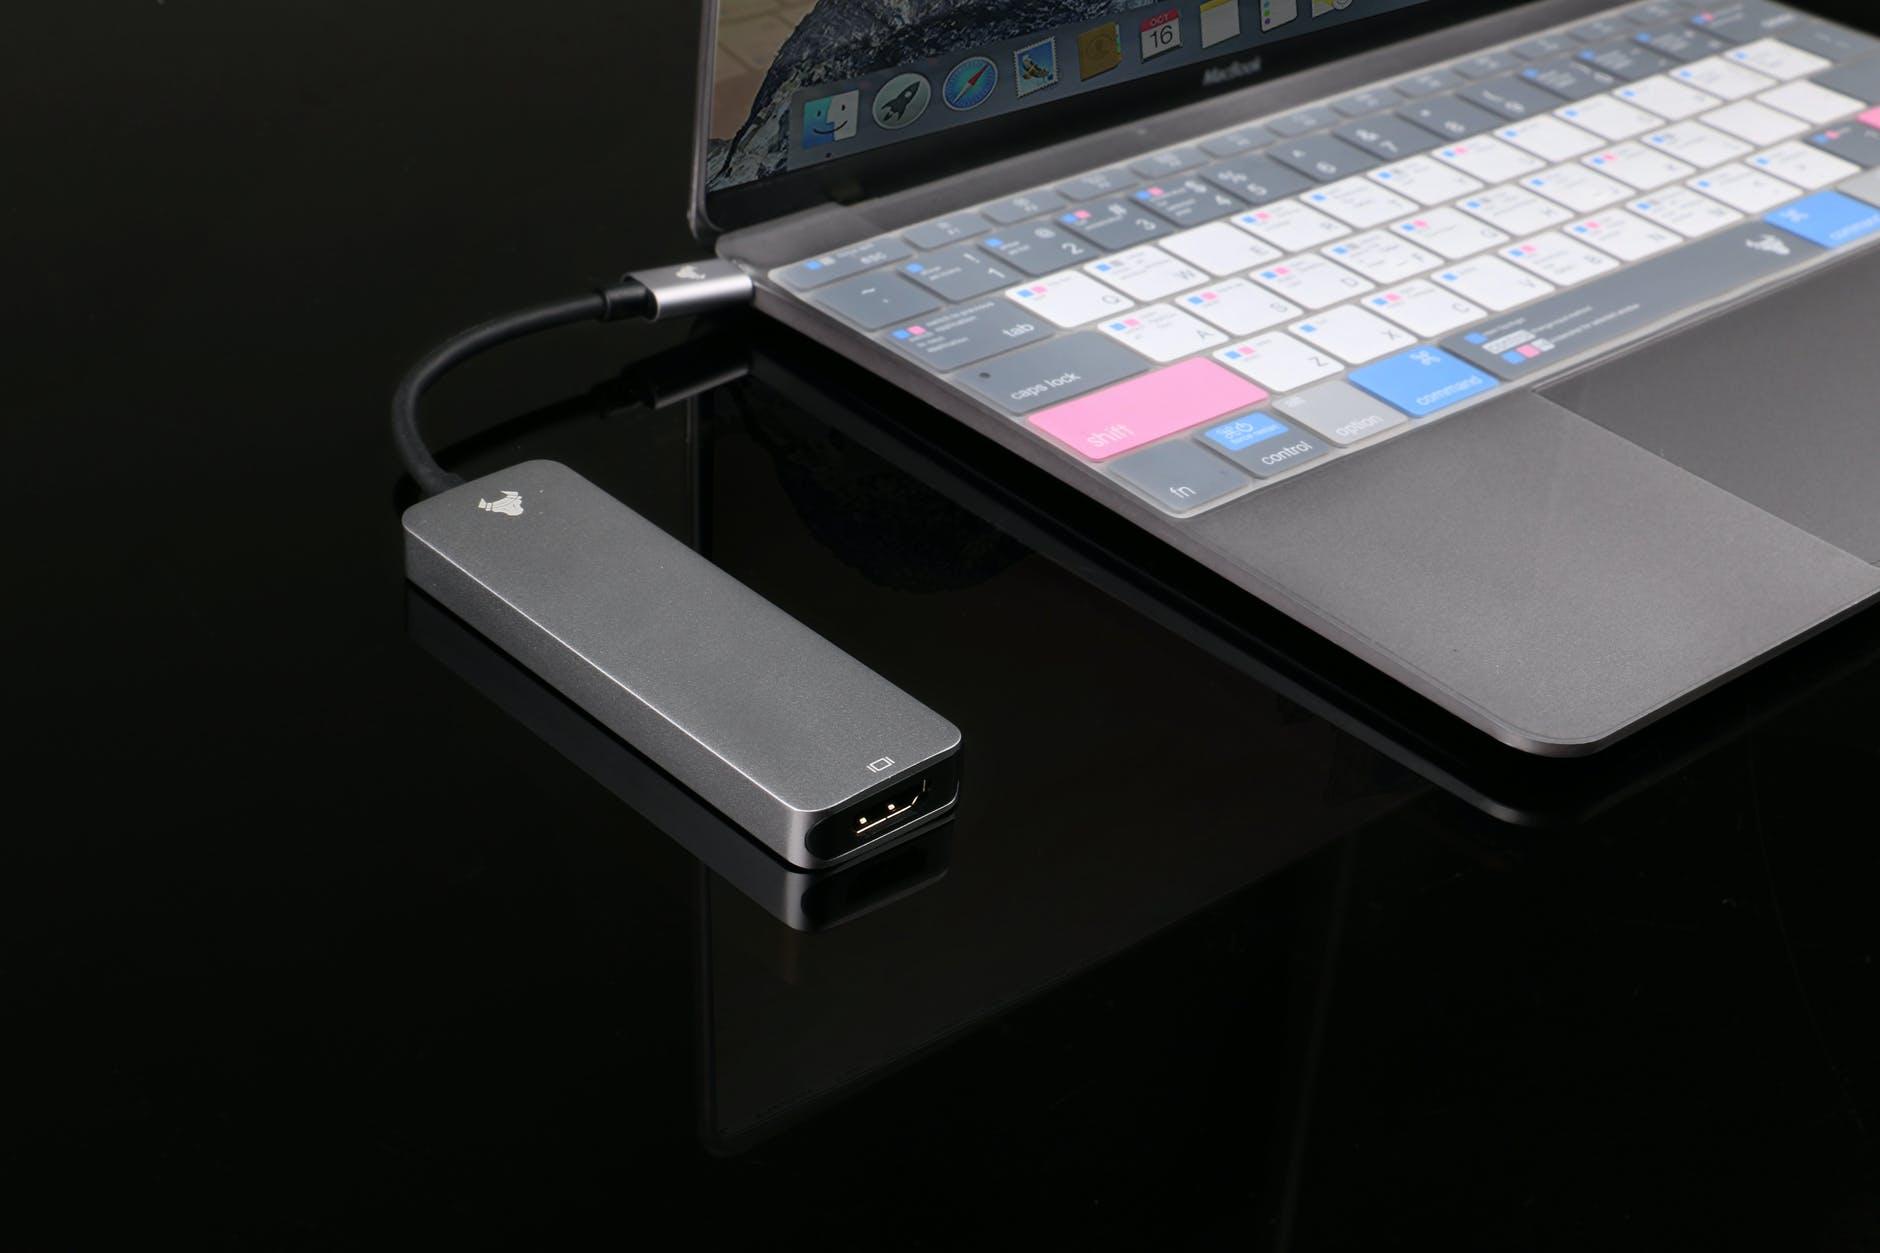 Une clé USB branché à un Macbook